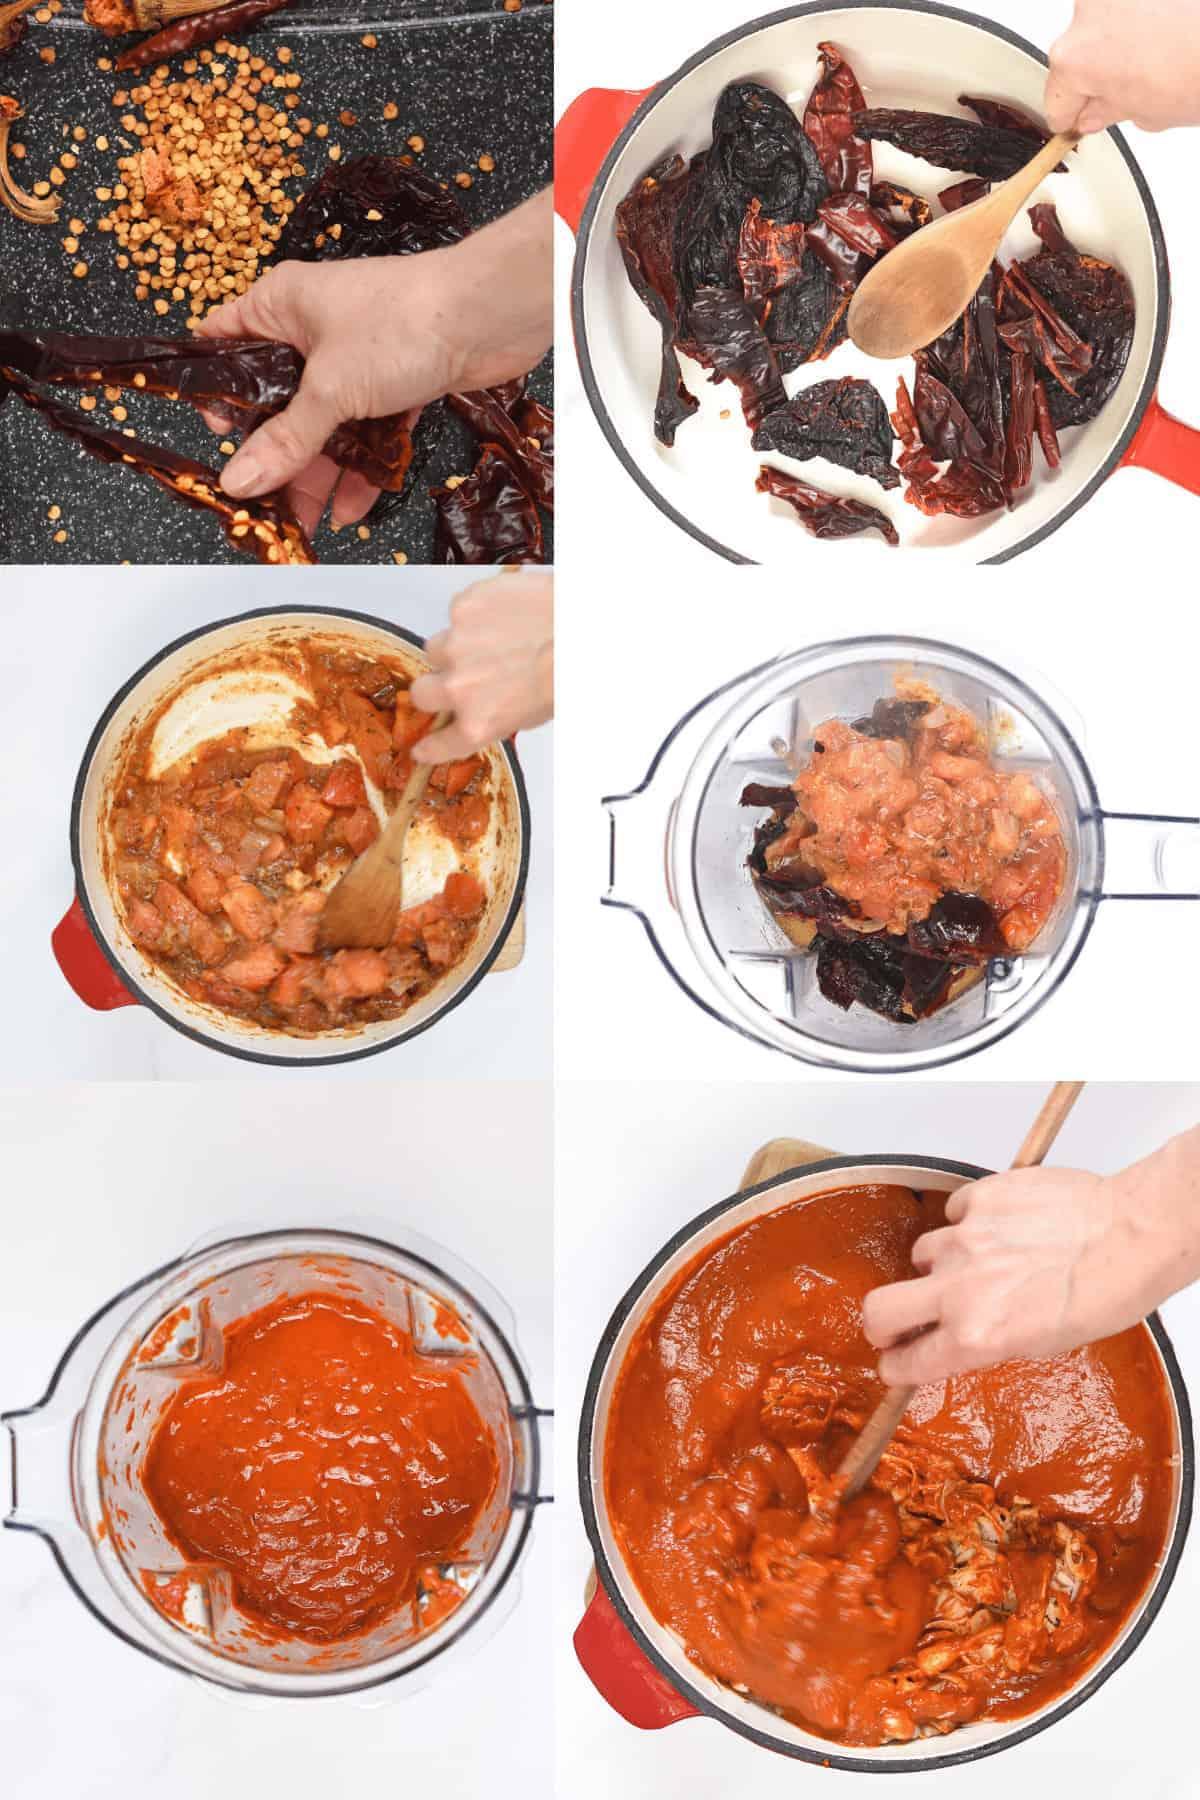 How to make Vegan Birria Tacos with Jackfruit